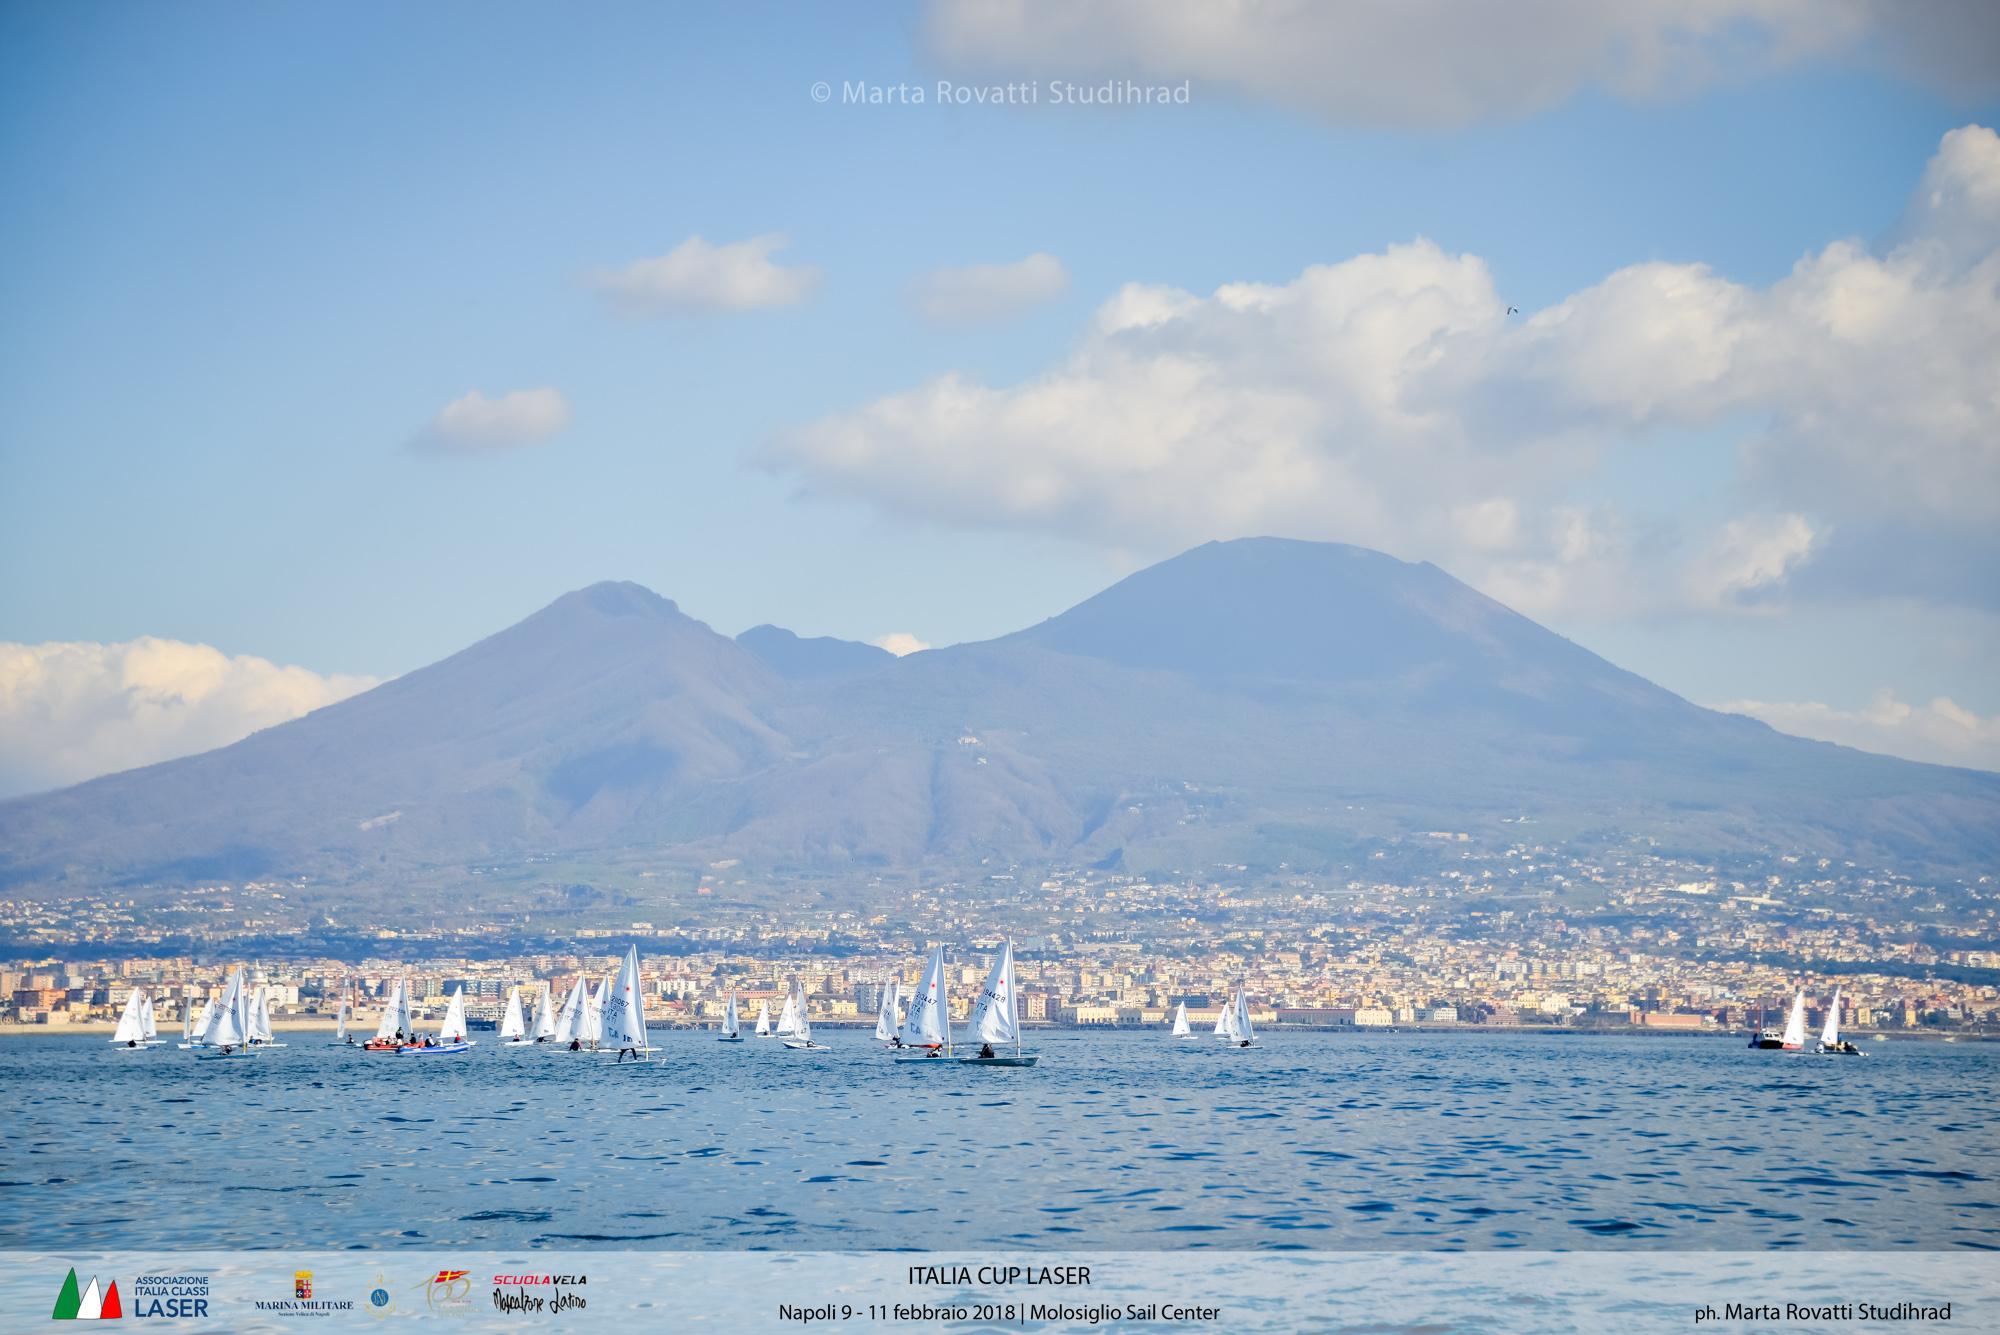 Associazione-Italia-Classi-Laser-2018-NapoliMGR_9912